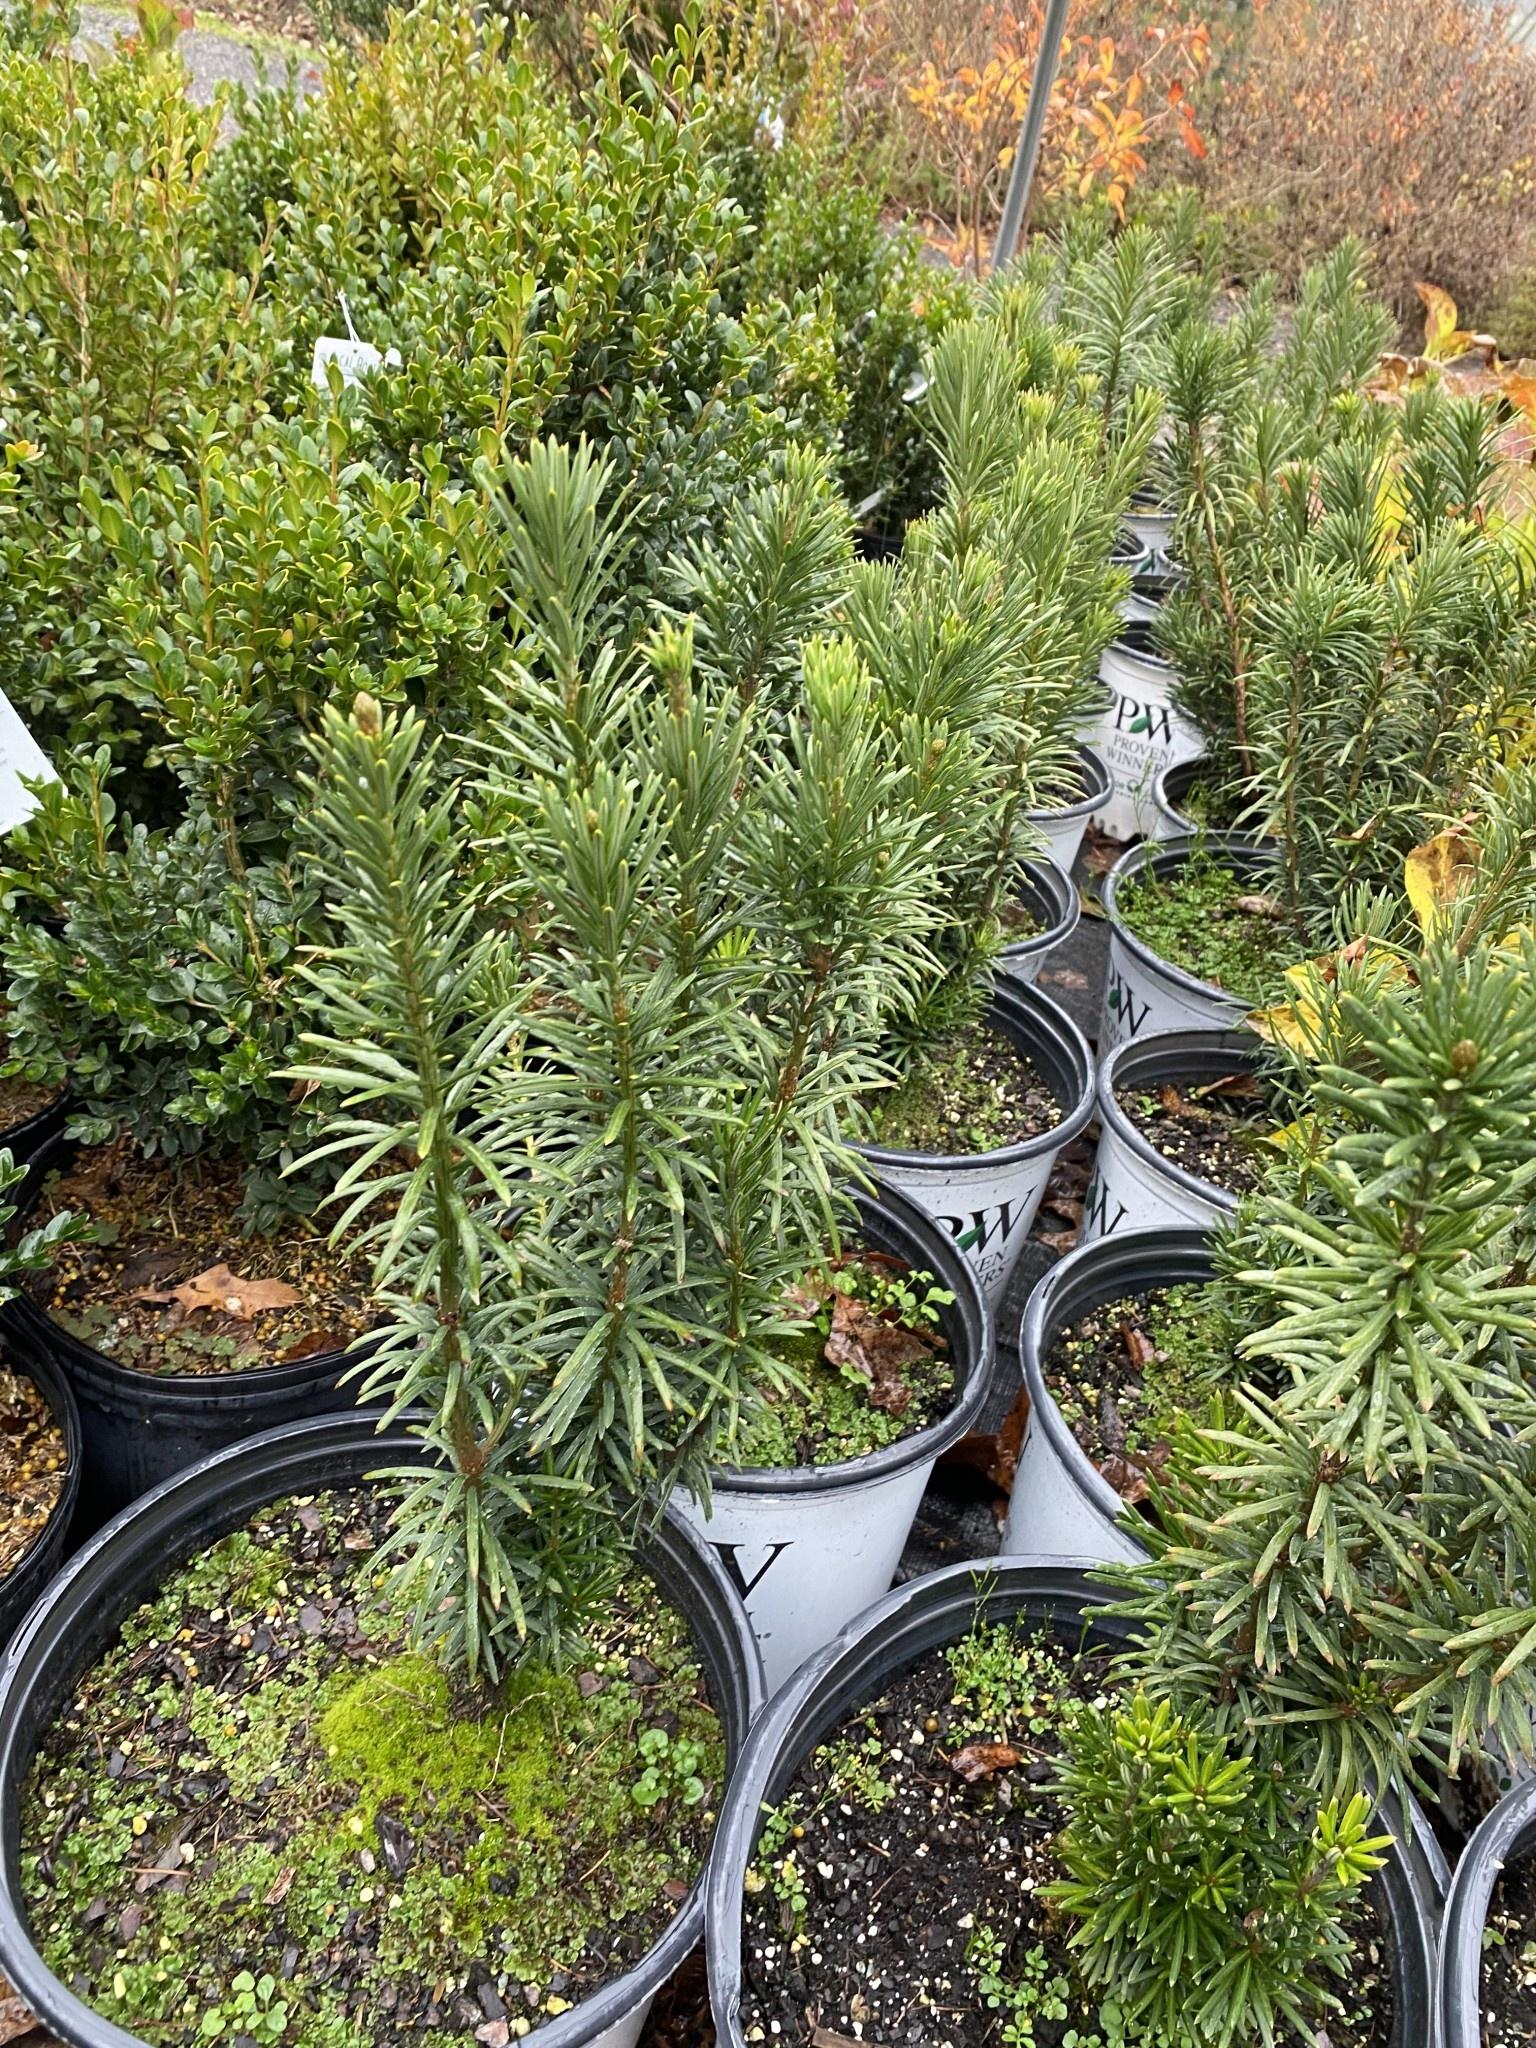 Cephalotaxus har. Fastigiata Japanese Plum Yew, Fastigiata, #3